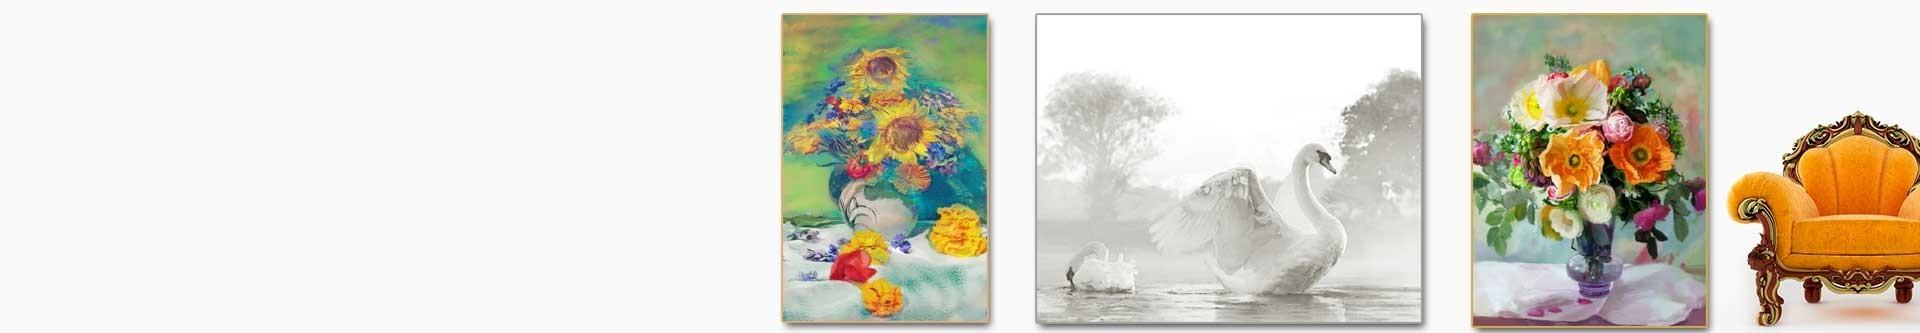 Grafiki obrazy drukowane na płótnie do salonu i sypialni w stylu retro